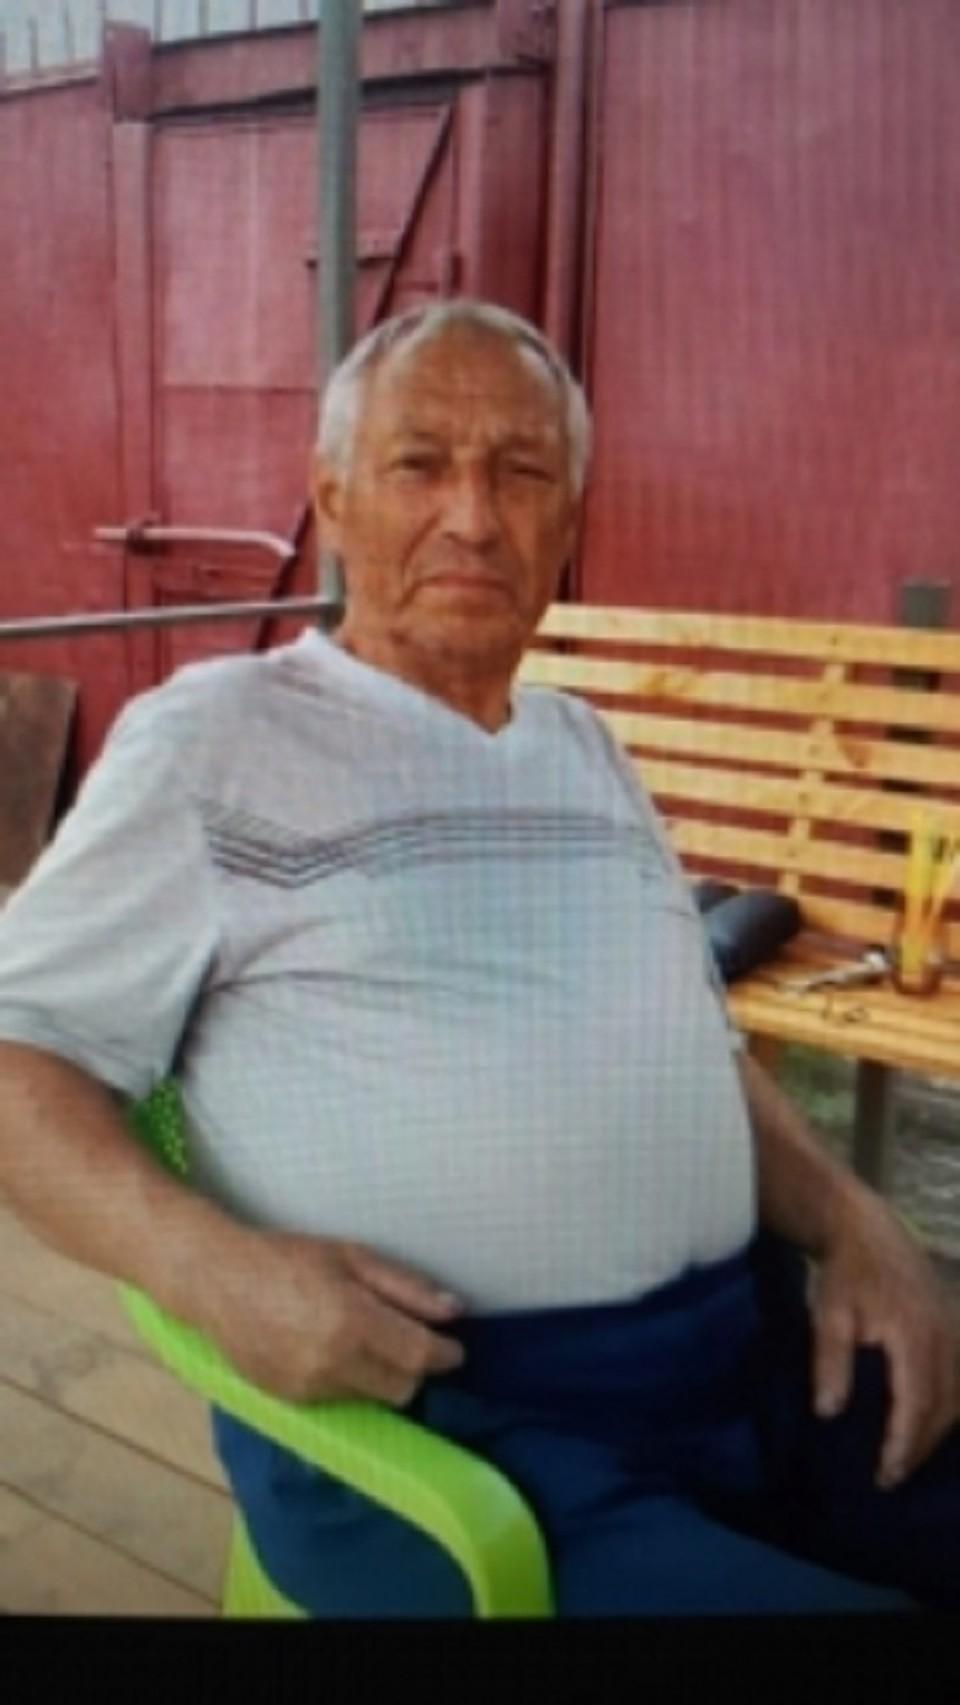 Пожилой мужчина ушел из дома 7 мая текущего года и до сих пор не вернулся